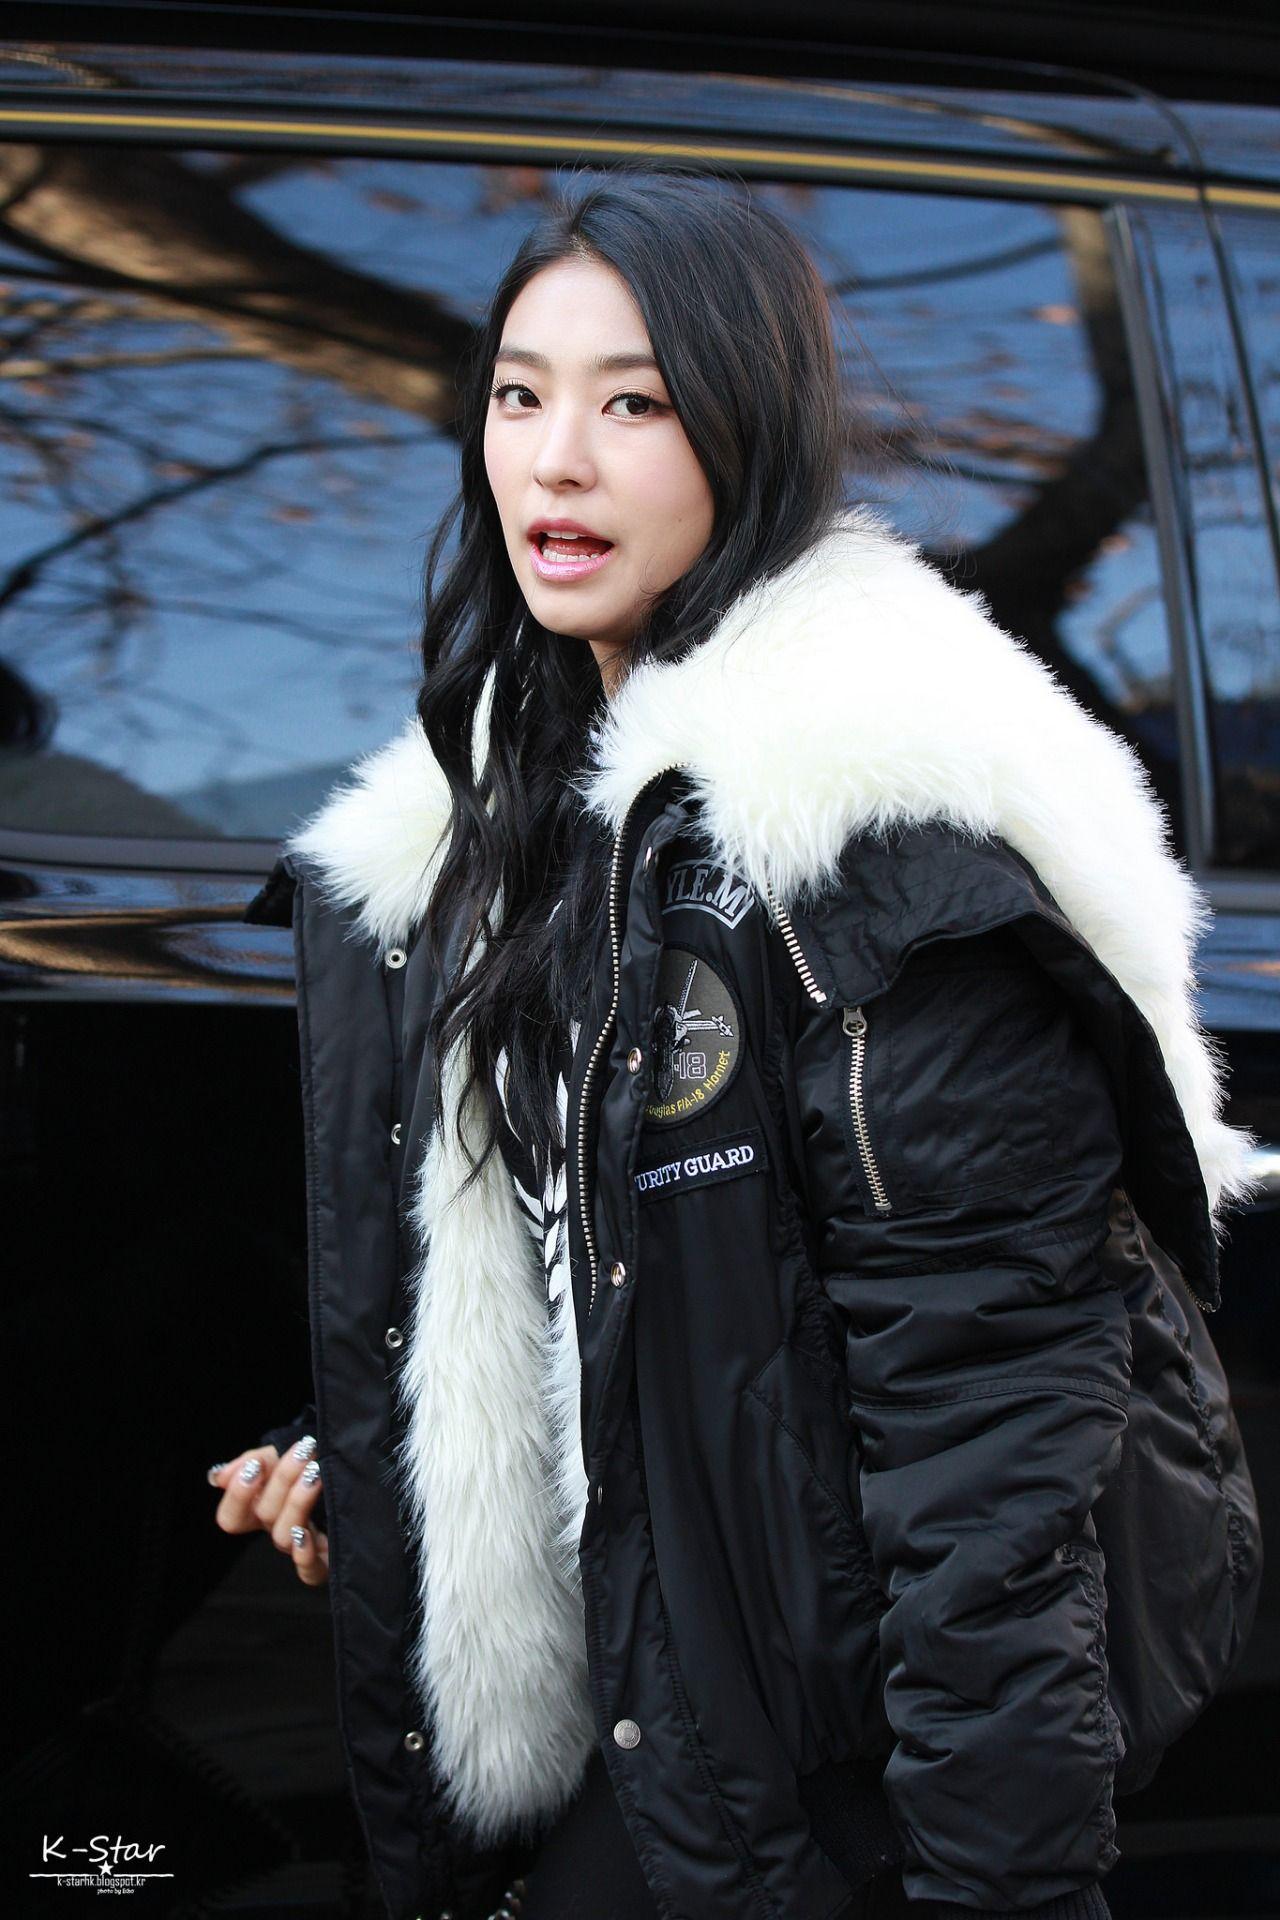 Pin By Arianna Isazaki On Kpop Winter Jackets Female Canada Goose Jackets